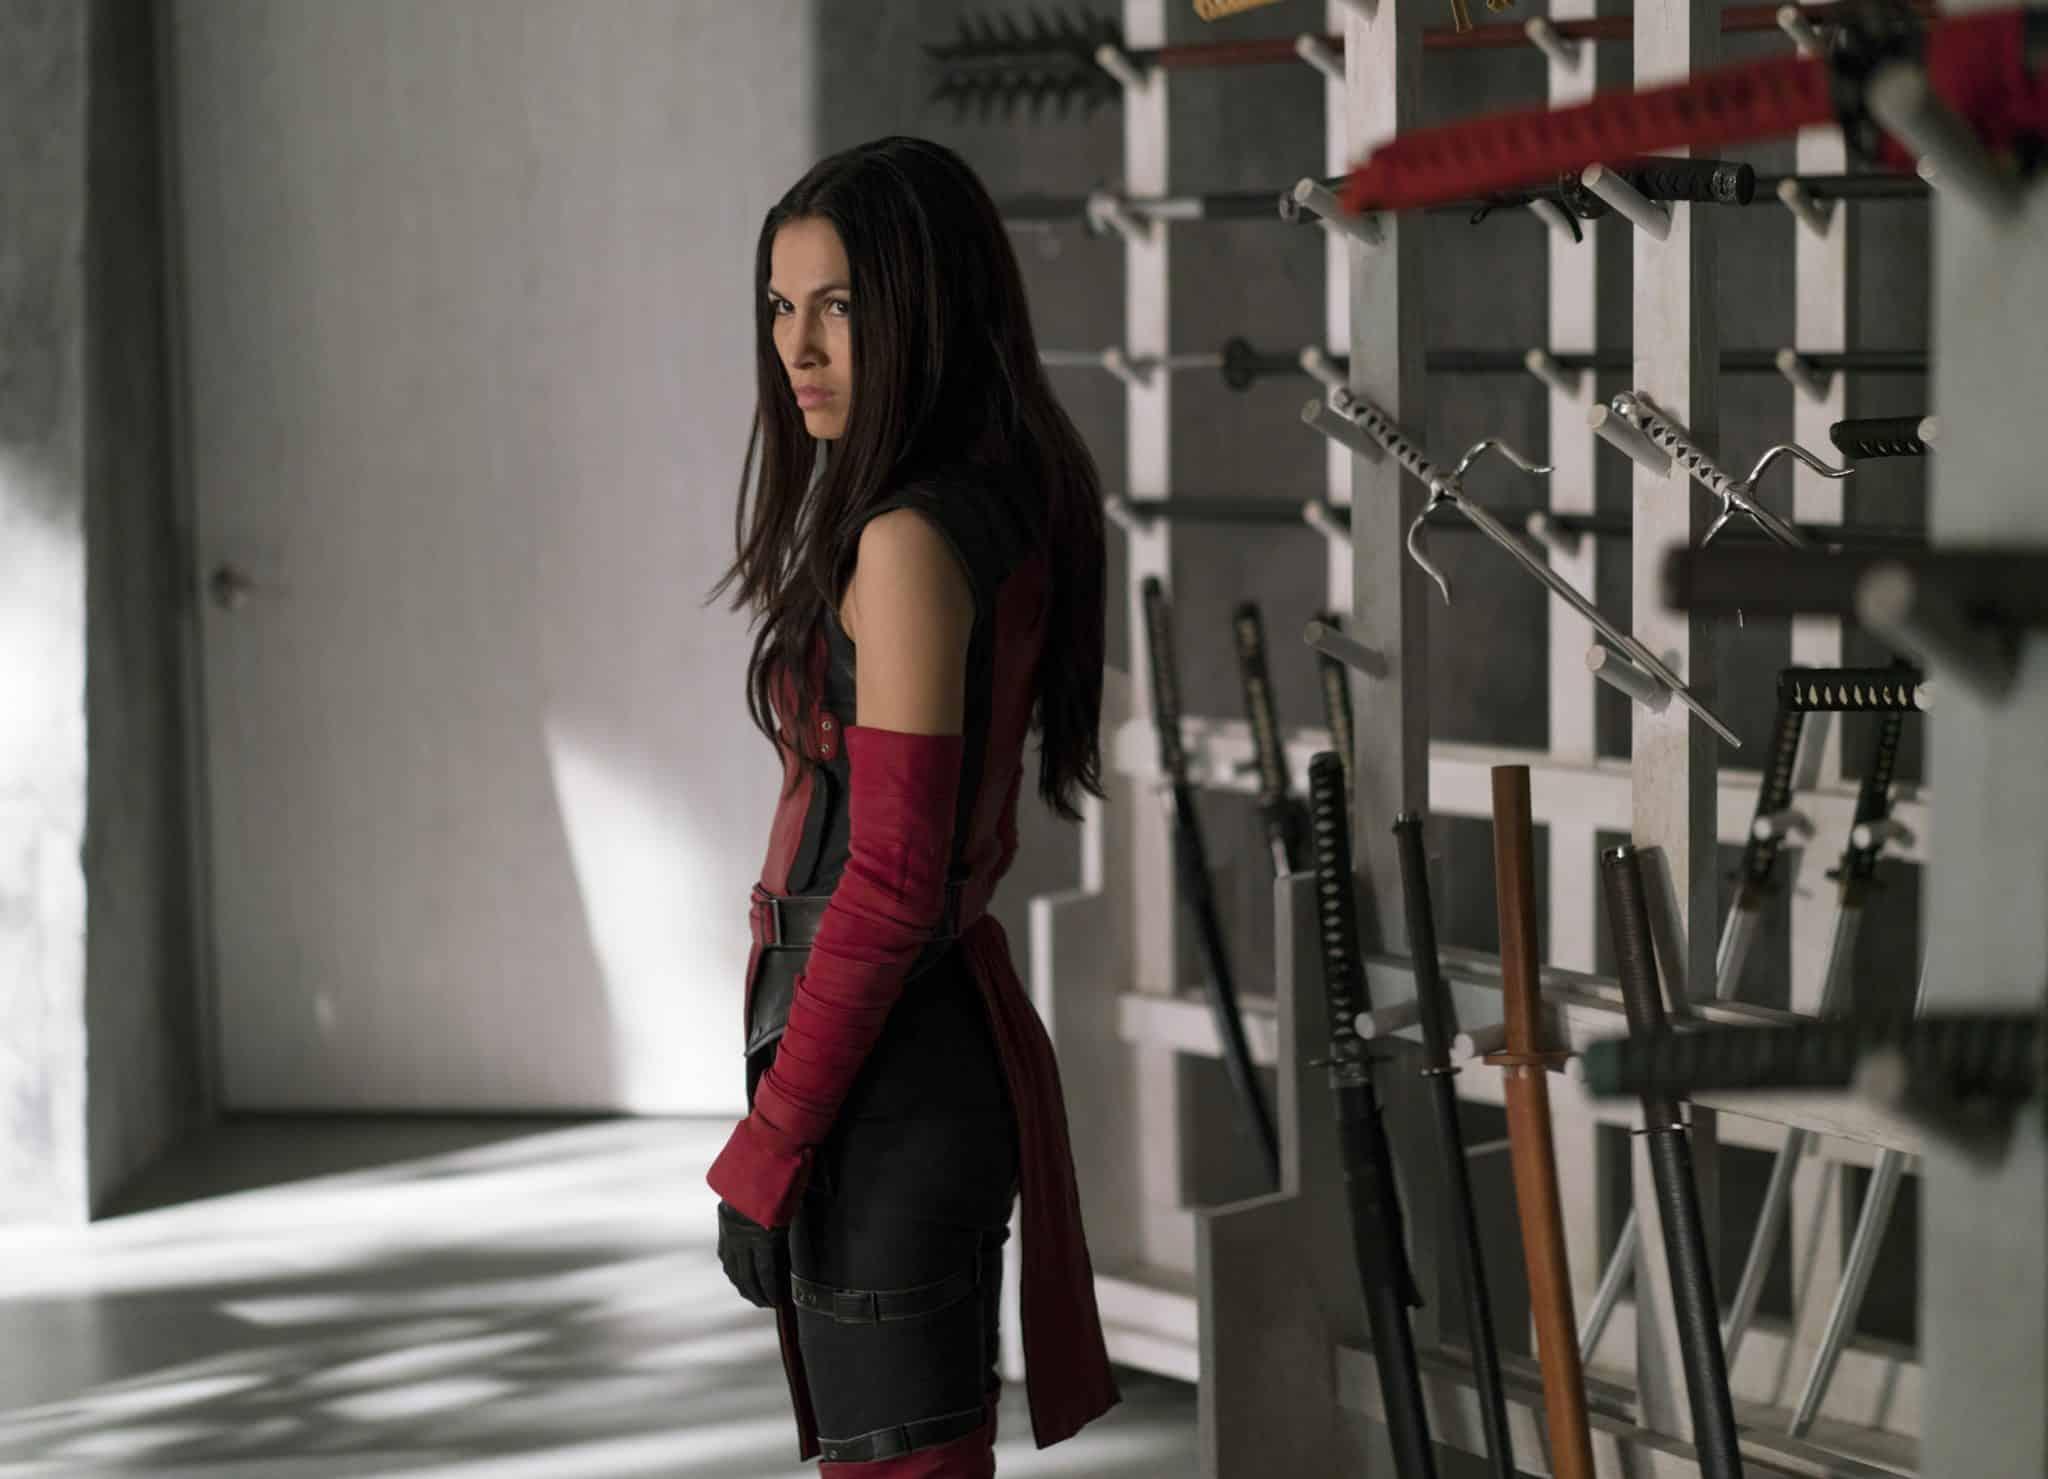 Elektra zo seriálu vychádza ako najlepšia záporáčka!